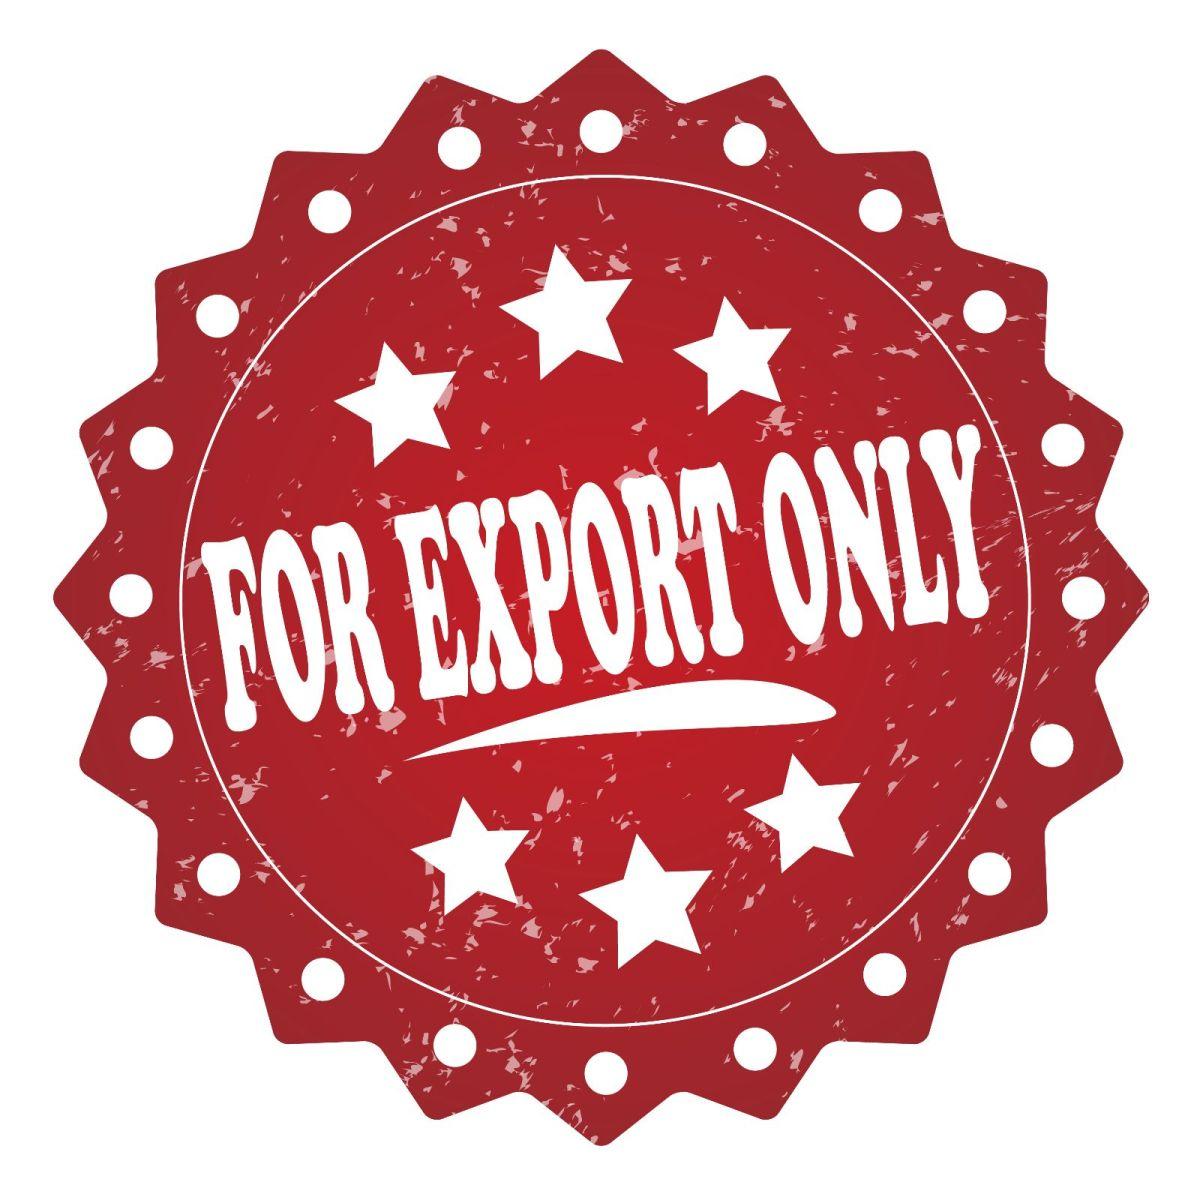 Qué significa un título salvage export only de un auto